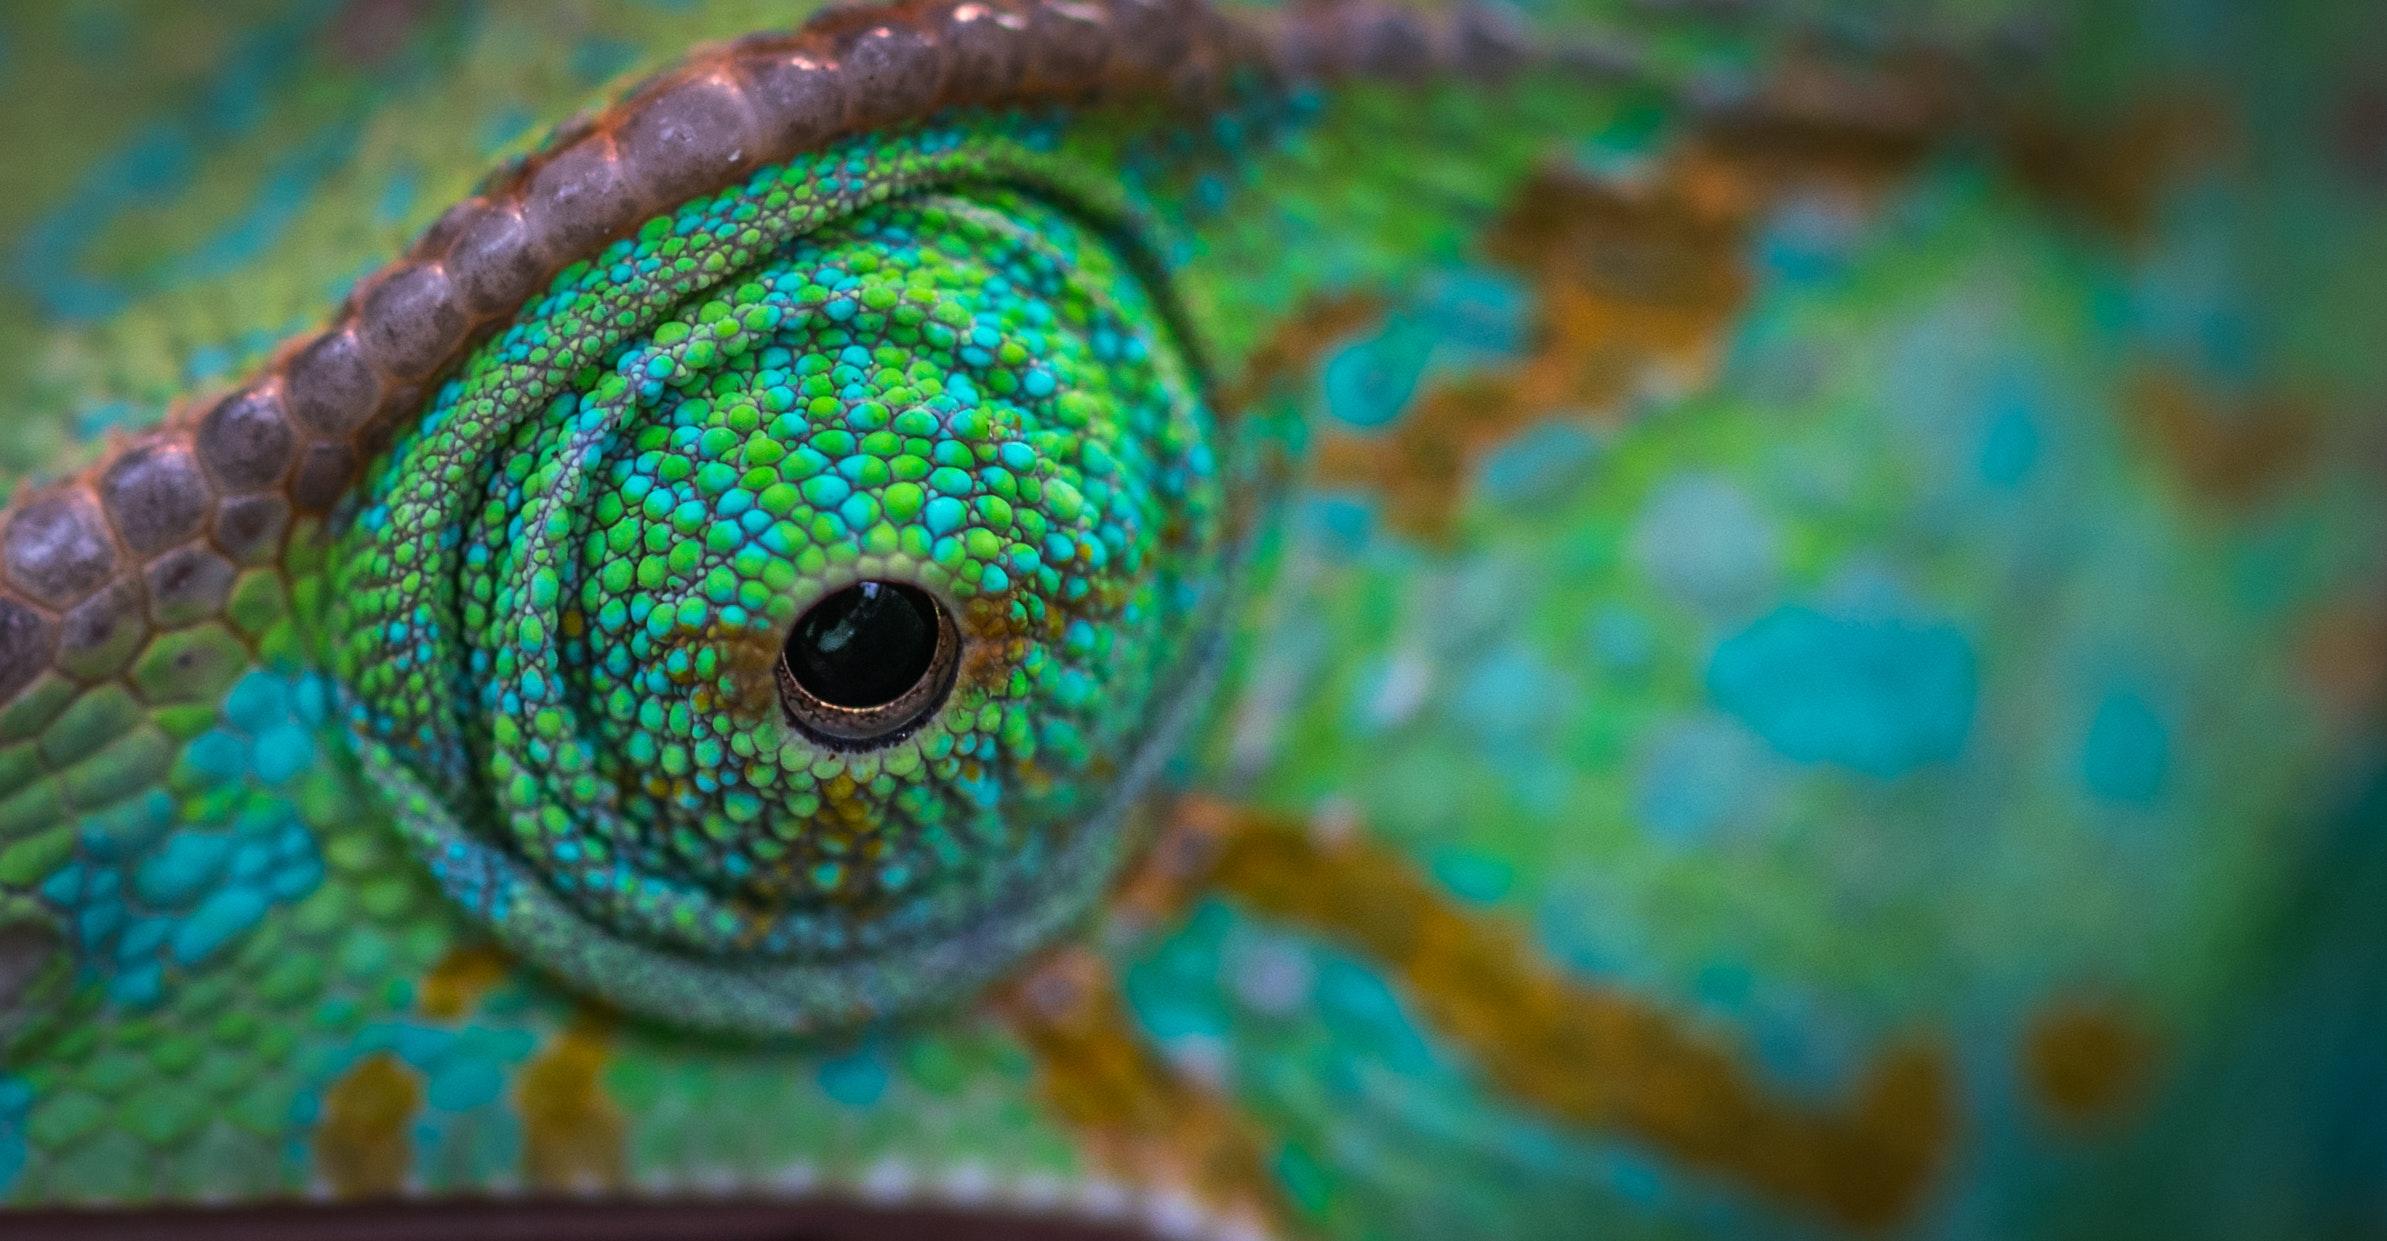 download wallpaper: oog van de kameleon wallpaper